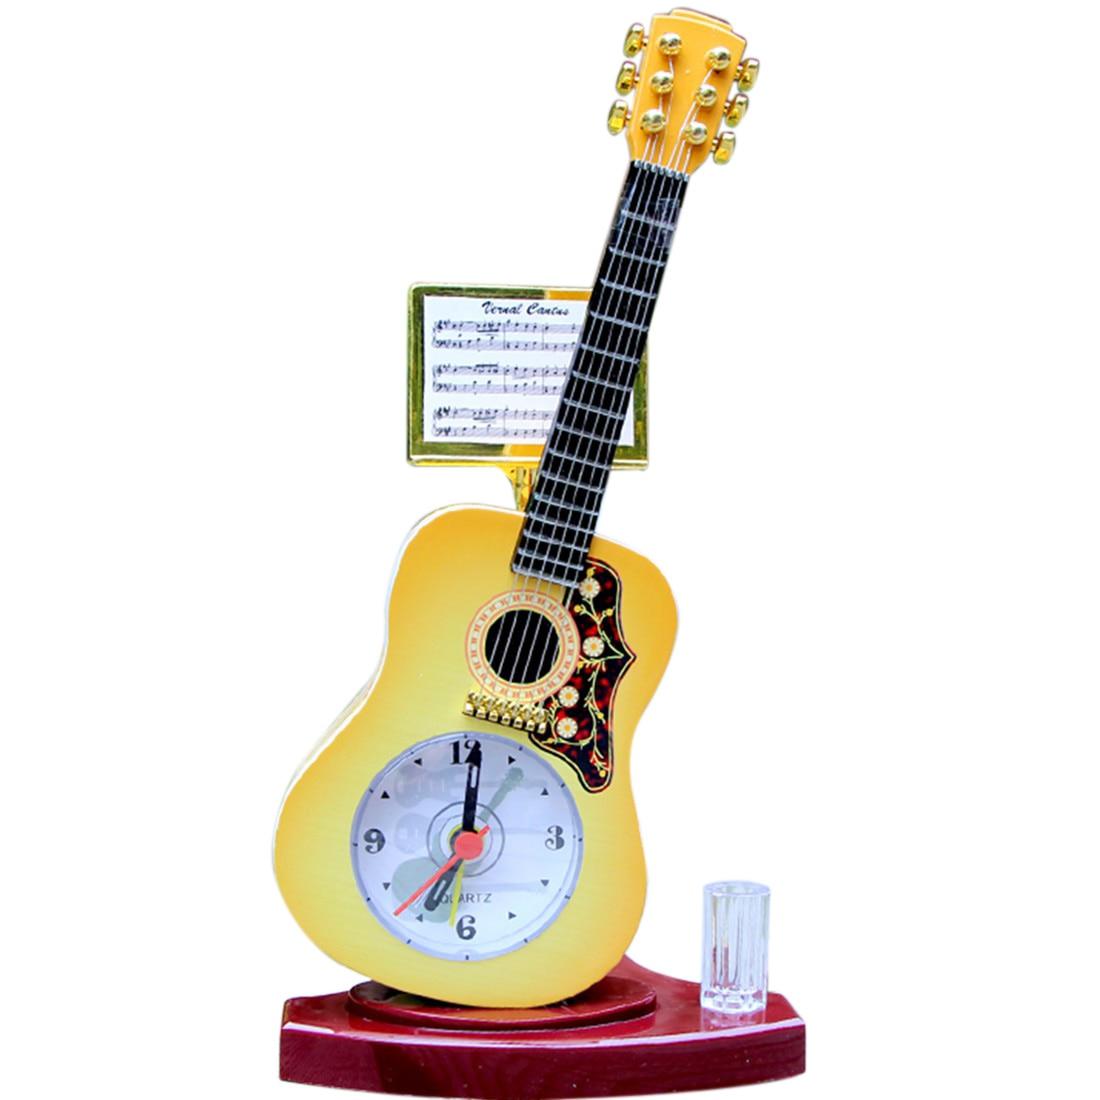 música interesse desenvolvimento brinquedos-rosa azul amarelo